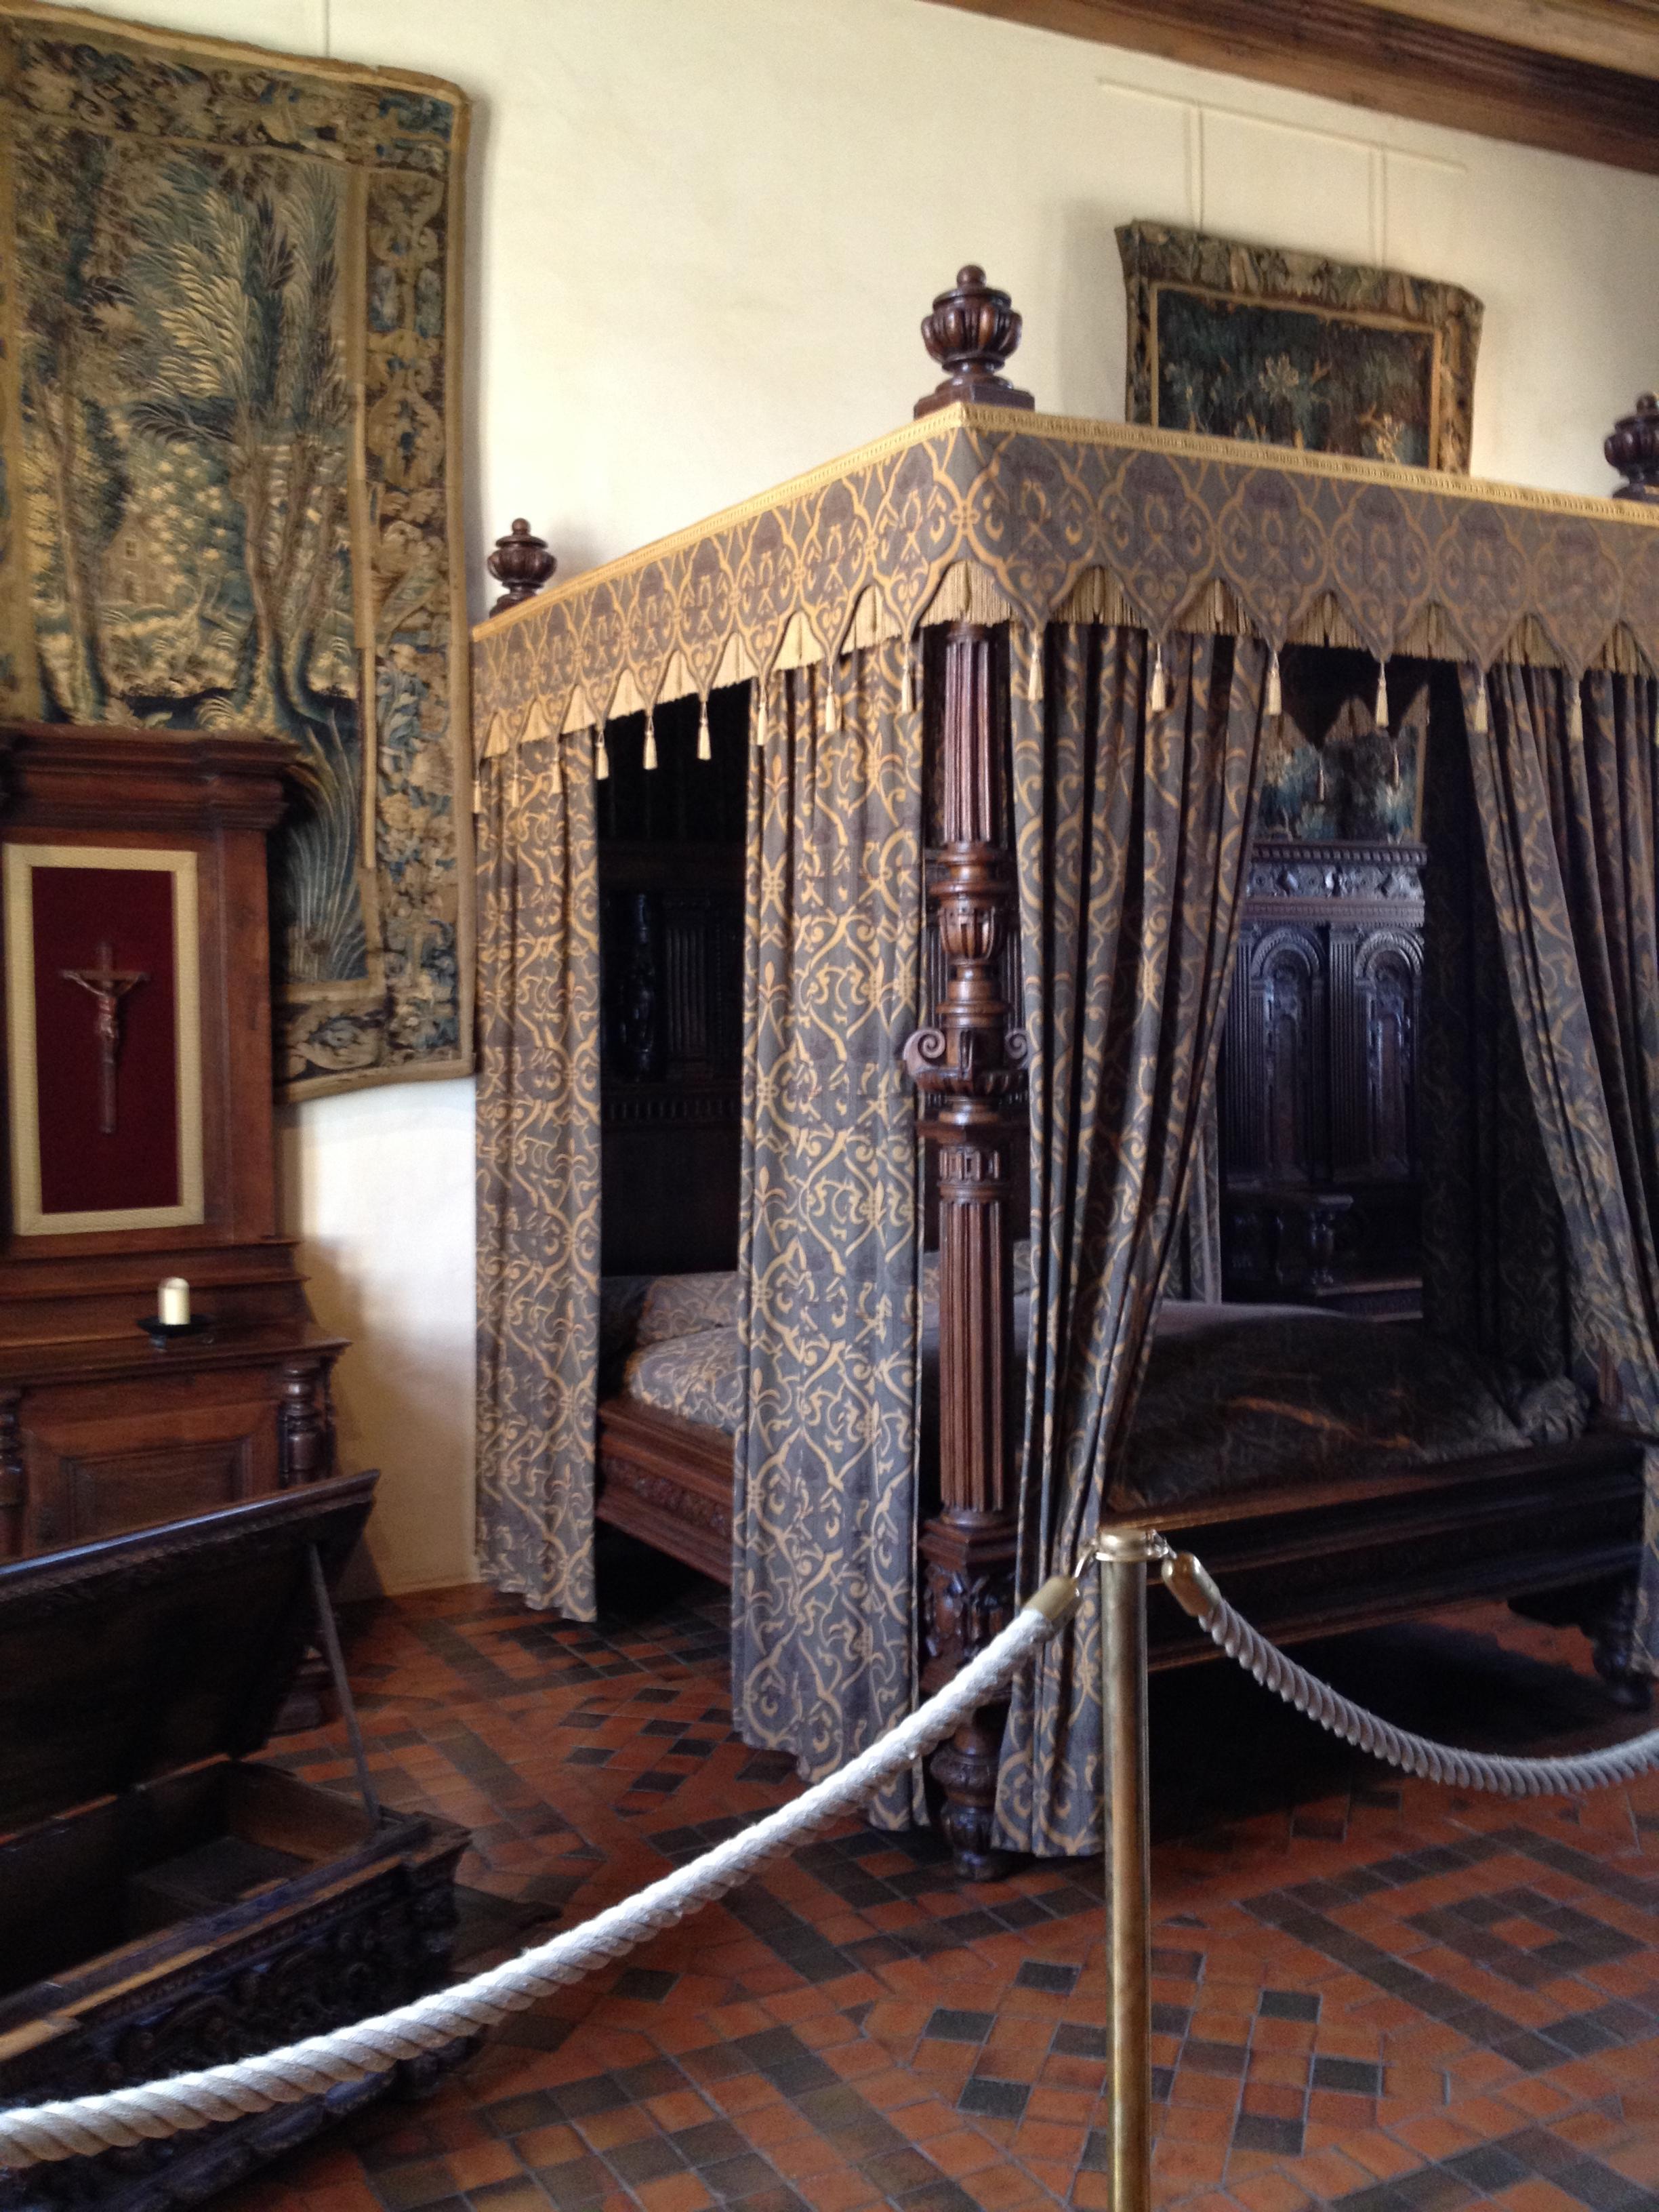 April Calendar Days : Inside chateau d amboise